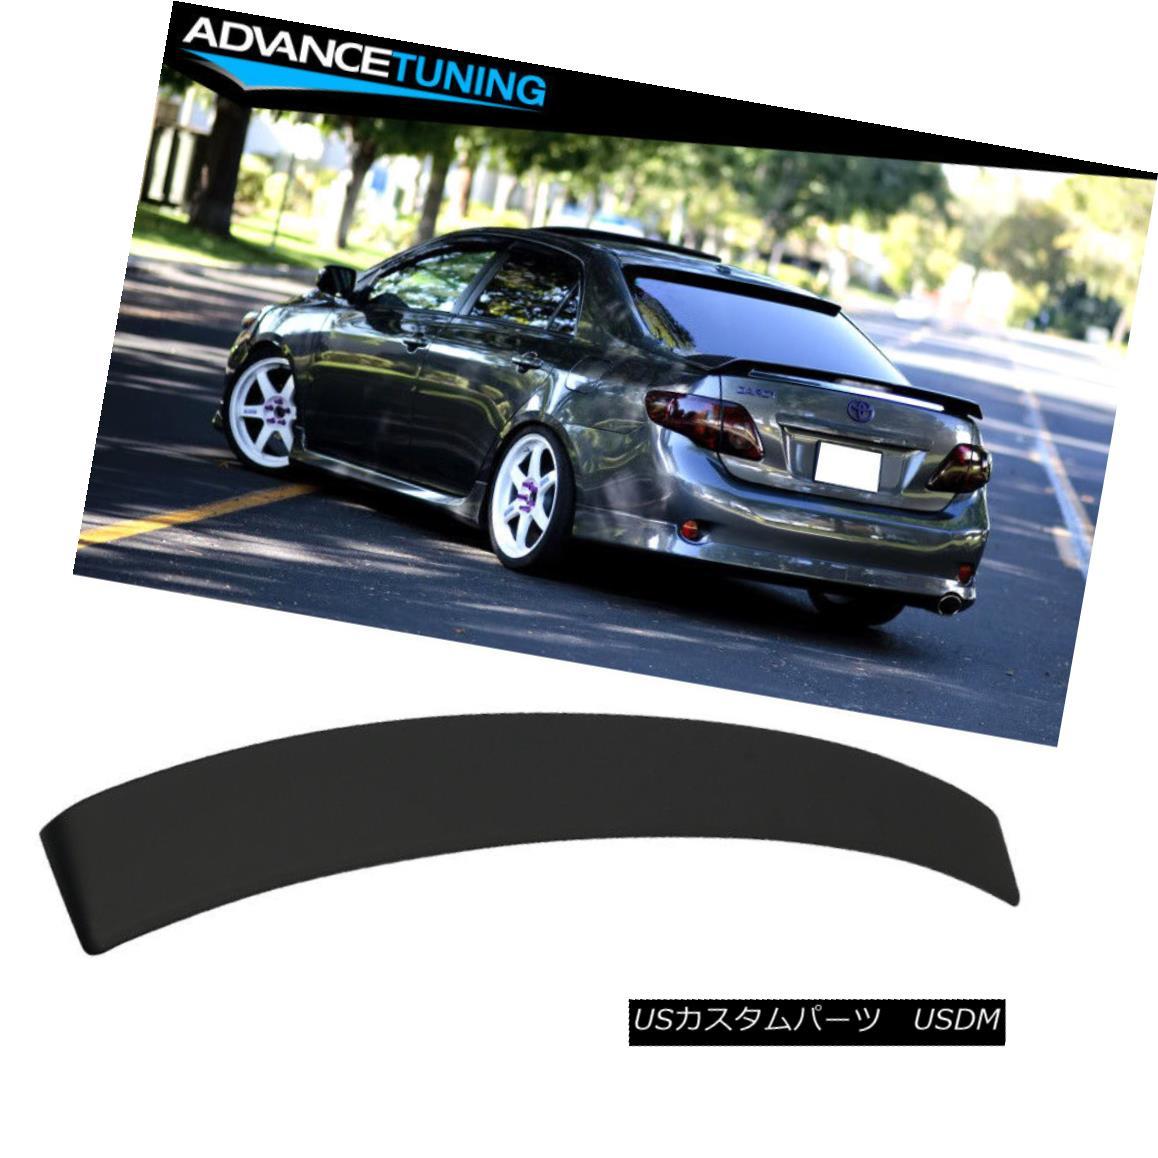 エアロパーツ Fits 09-13 Toyota Corolla Rear Roof Spoiler ABS Unpainted Black フィット09-13トヨタカローラリアルーフスポイラーABS未塗装ブラック